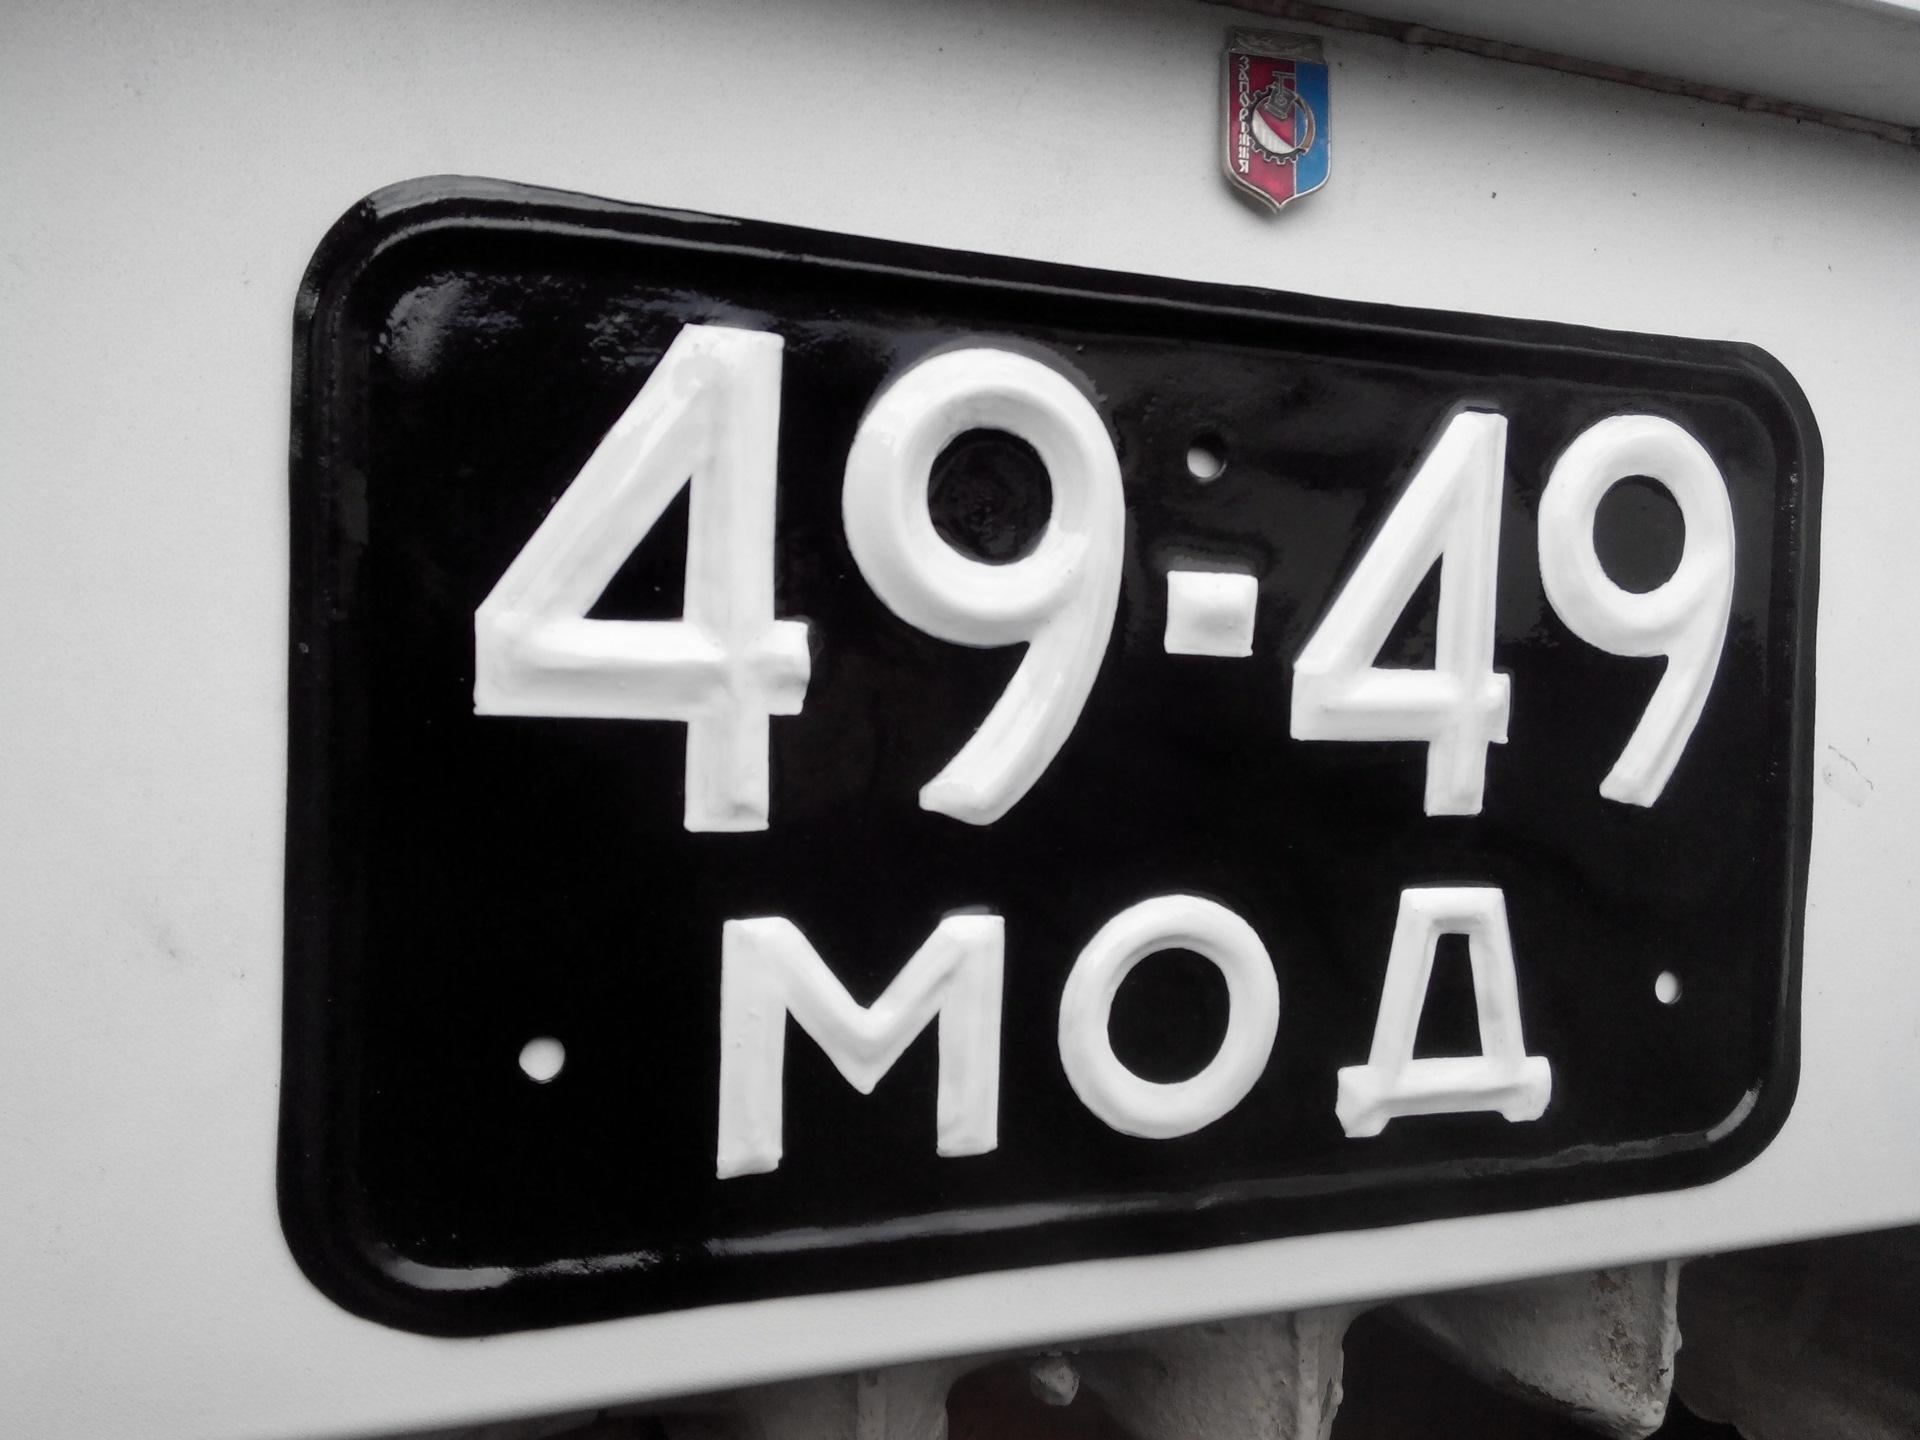 Гос номер СССР 1980